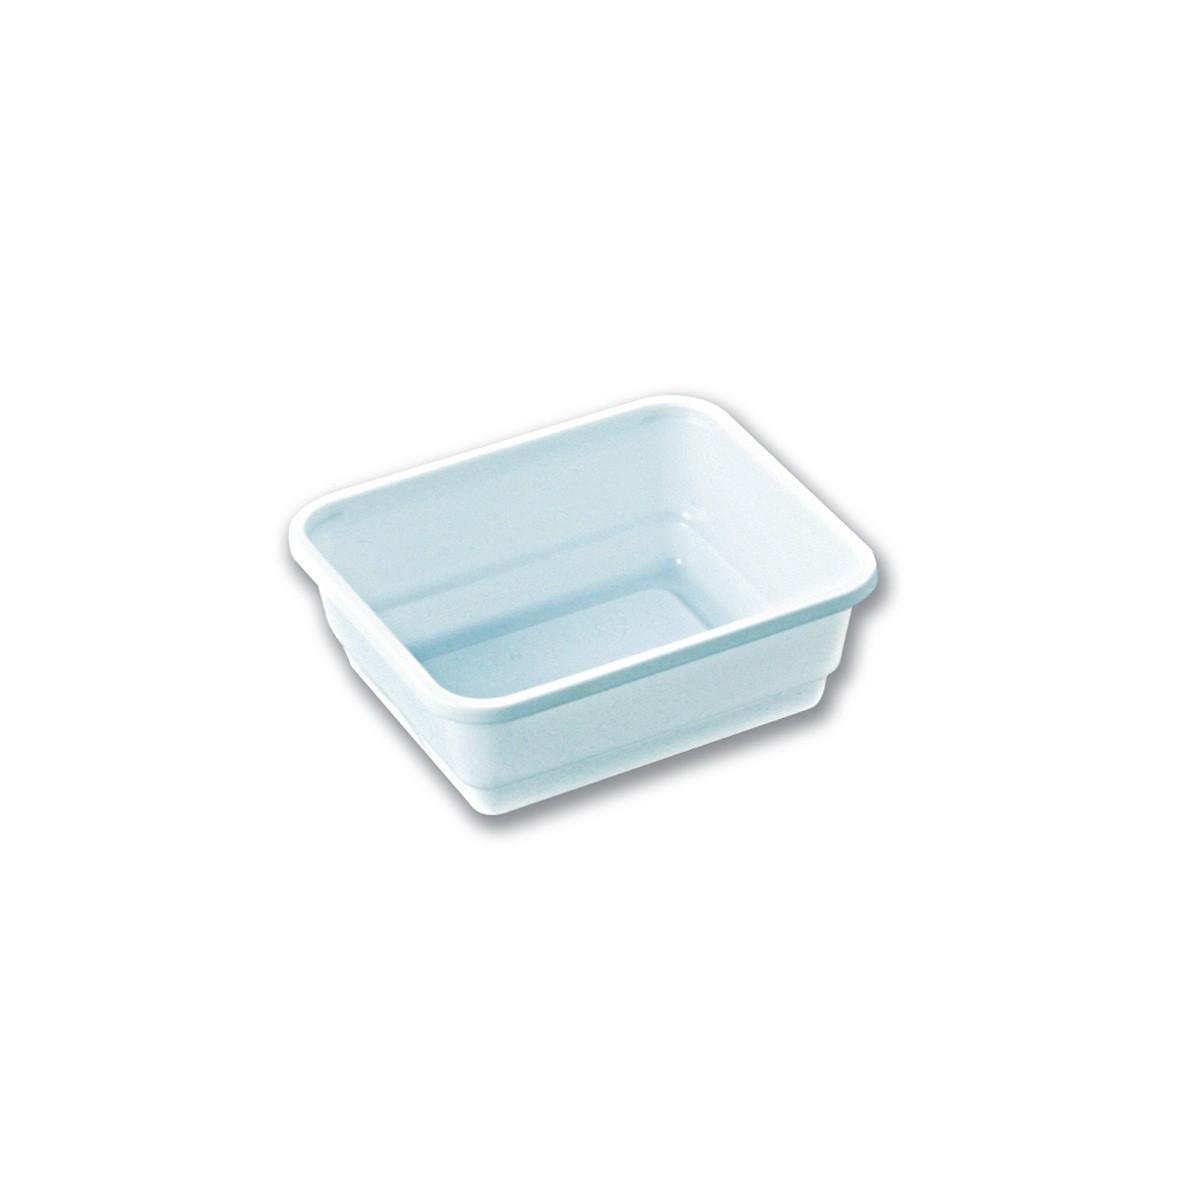 Aeropac Dessert/Salad Plate 90x74x31mm | 4000pcs